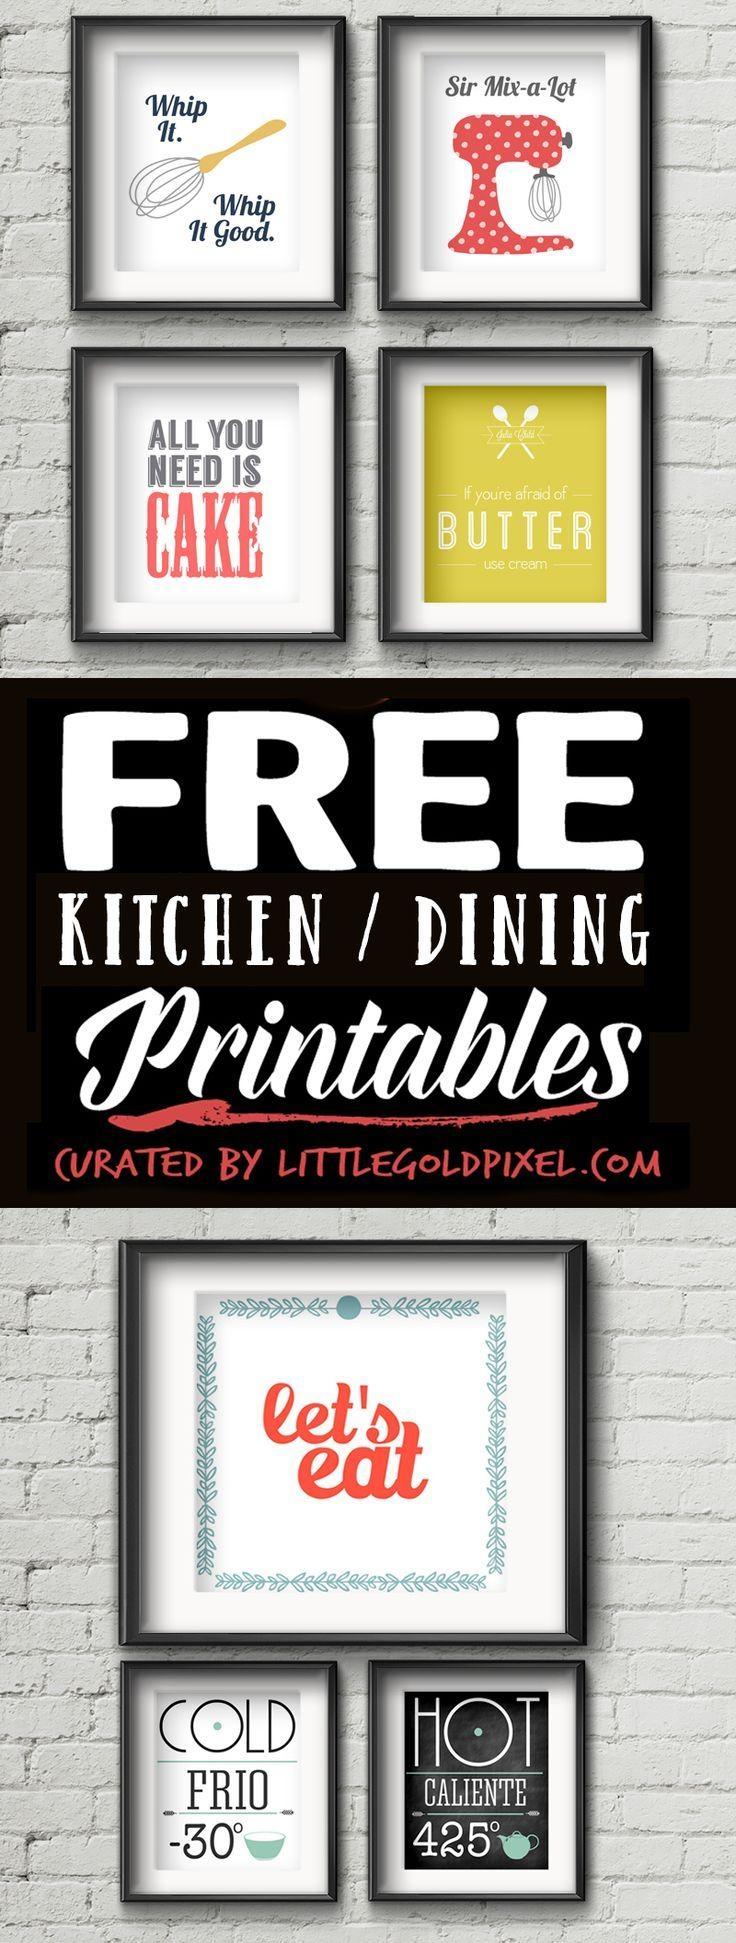 Best 20+ Kitchen Wall Art Ideas On Pinterest | Kitchen Art Inside Kitchen Wall Art (Image 3 of 20)